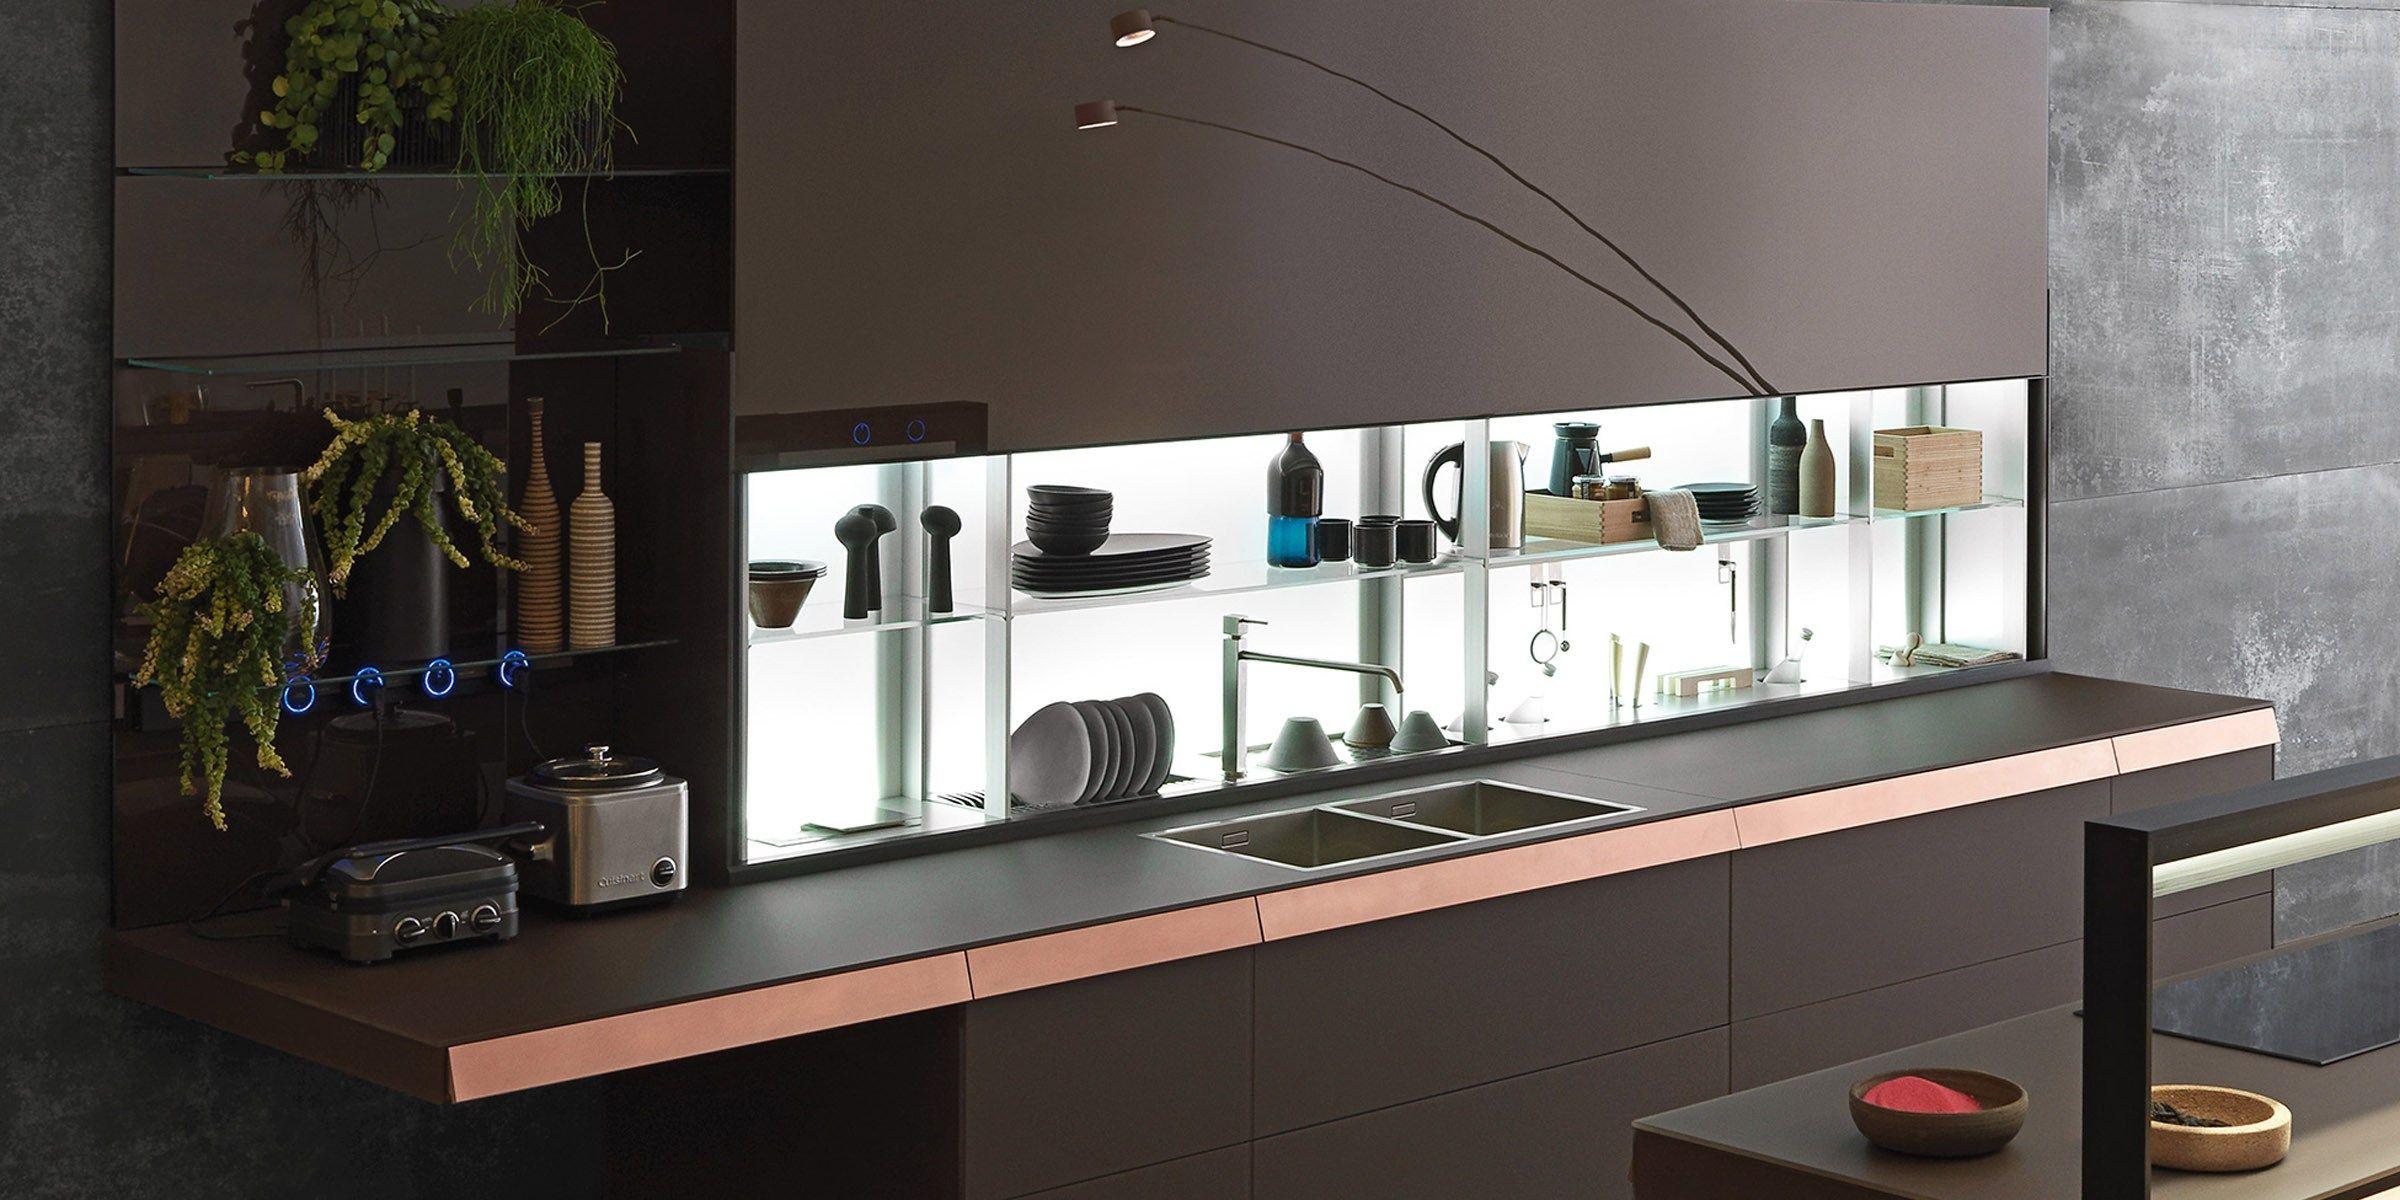 k che mit k cheninsel ohne griffe genius loci k che mit k cheninsel valcucine kuechen in. Black Bedroom Furniture Sets. Home Design Ideas